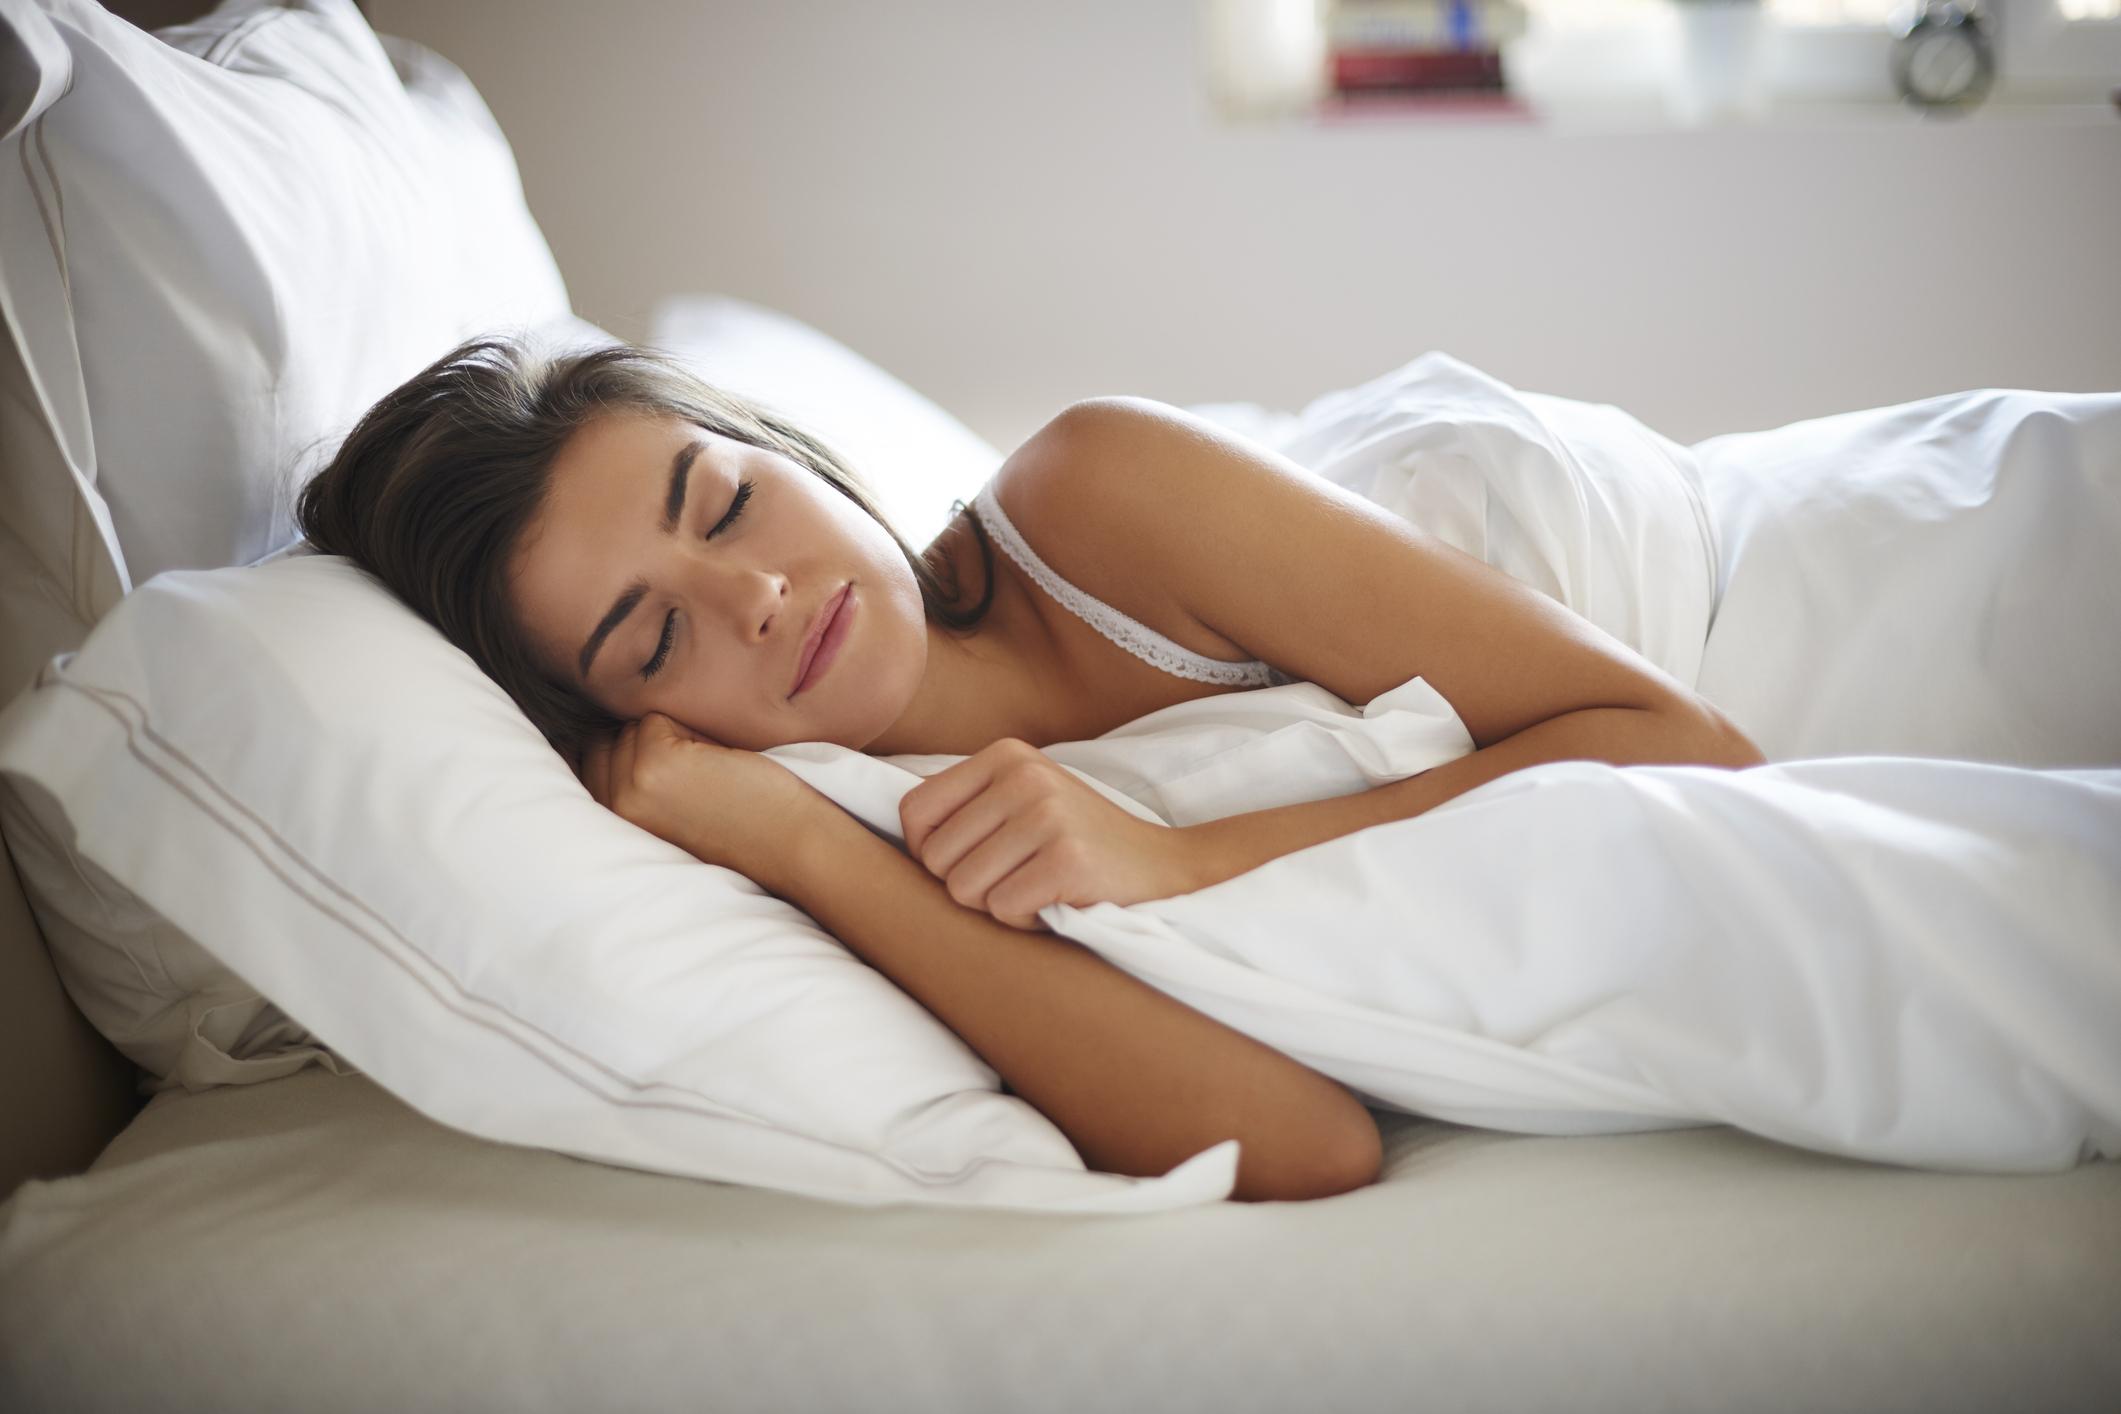 Søvnproblemer? Slik sover du bedre!